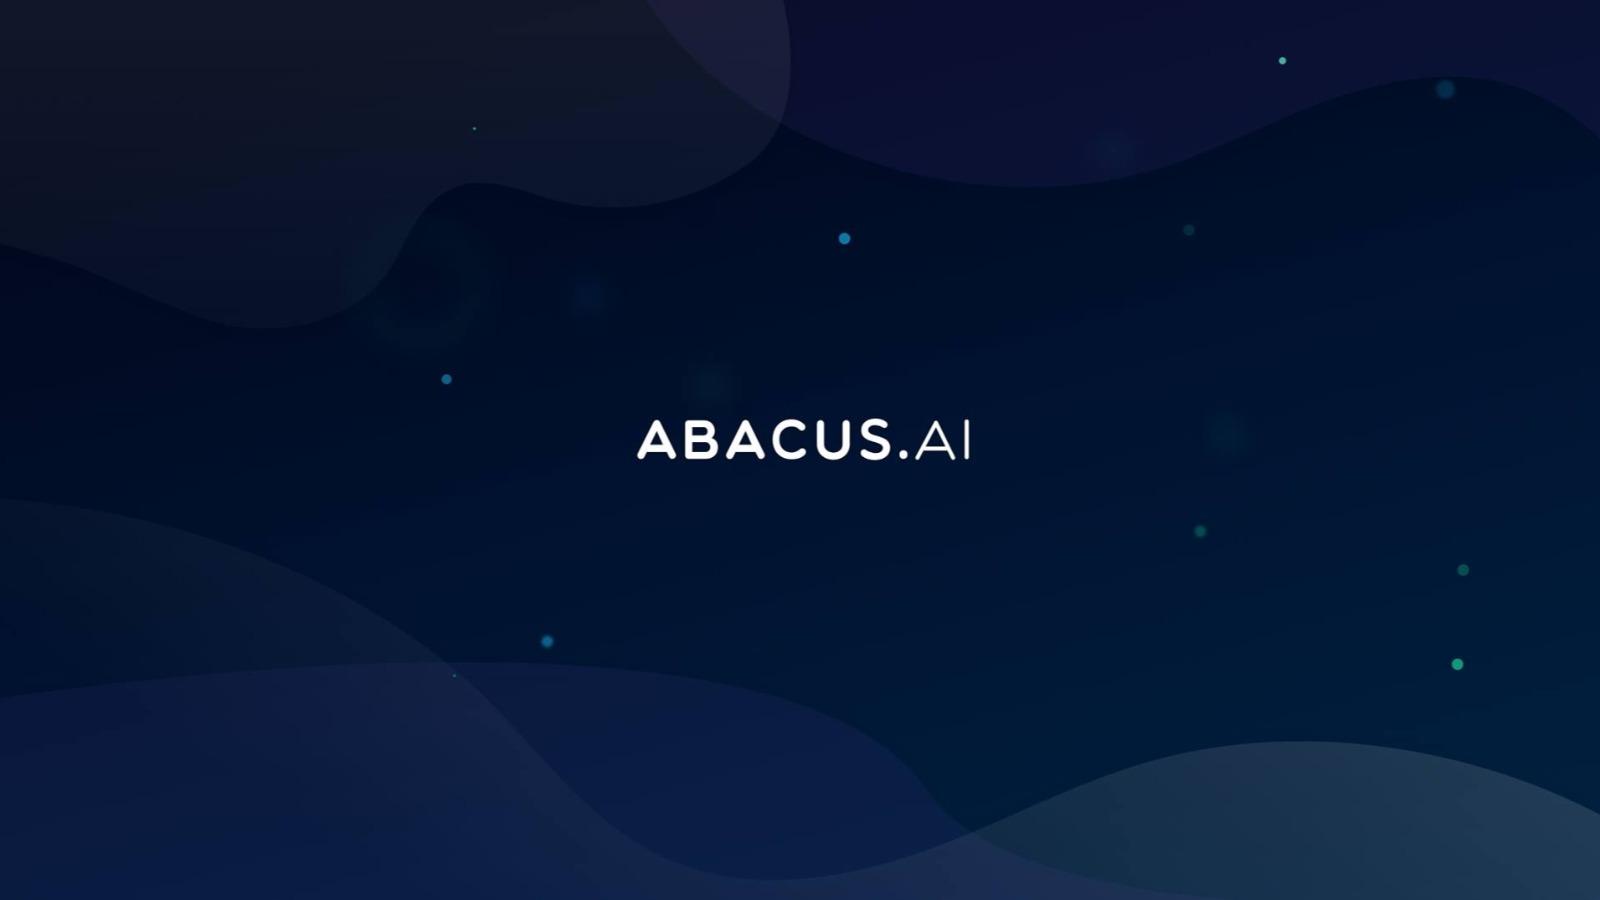 最先端のディープラーニングシステムで企業のAI戦略をサポートするAbacus.AI